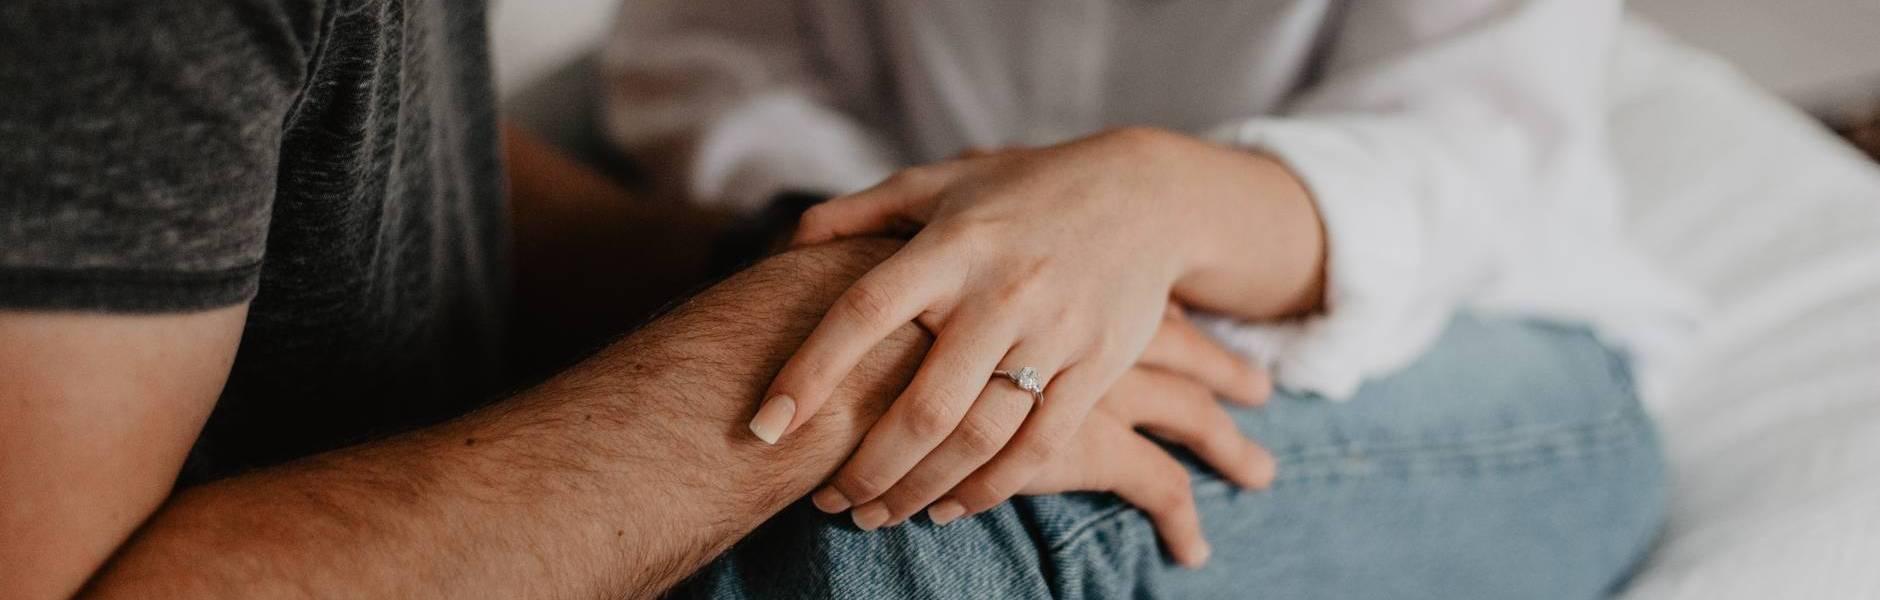 Dva u jedan: Lice i naličje jednog braka, Zna li danas itko više ludo voljeti?, Da on želi biti s tobom bio bi s tobom! Točka.